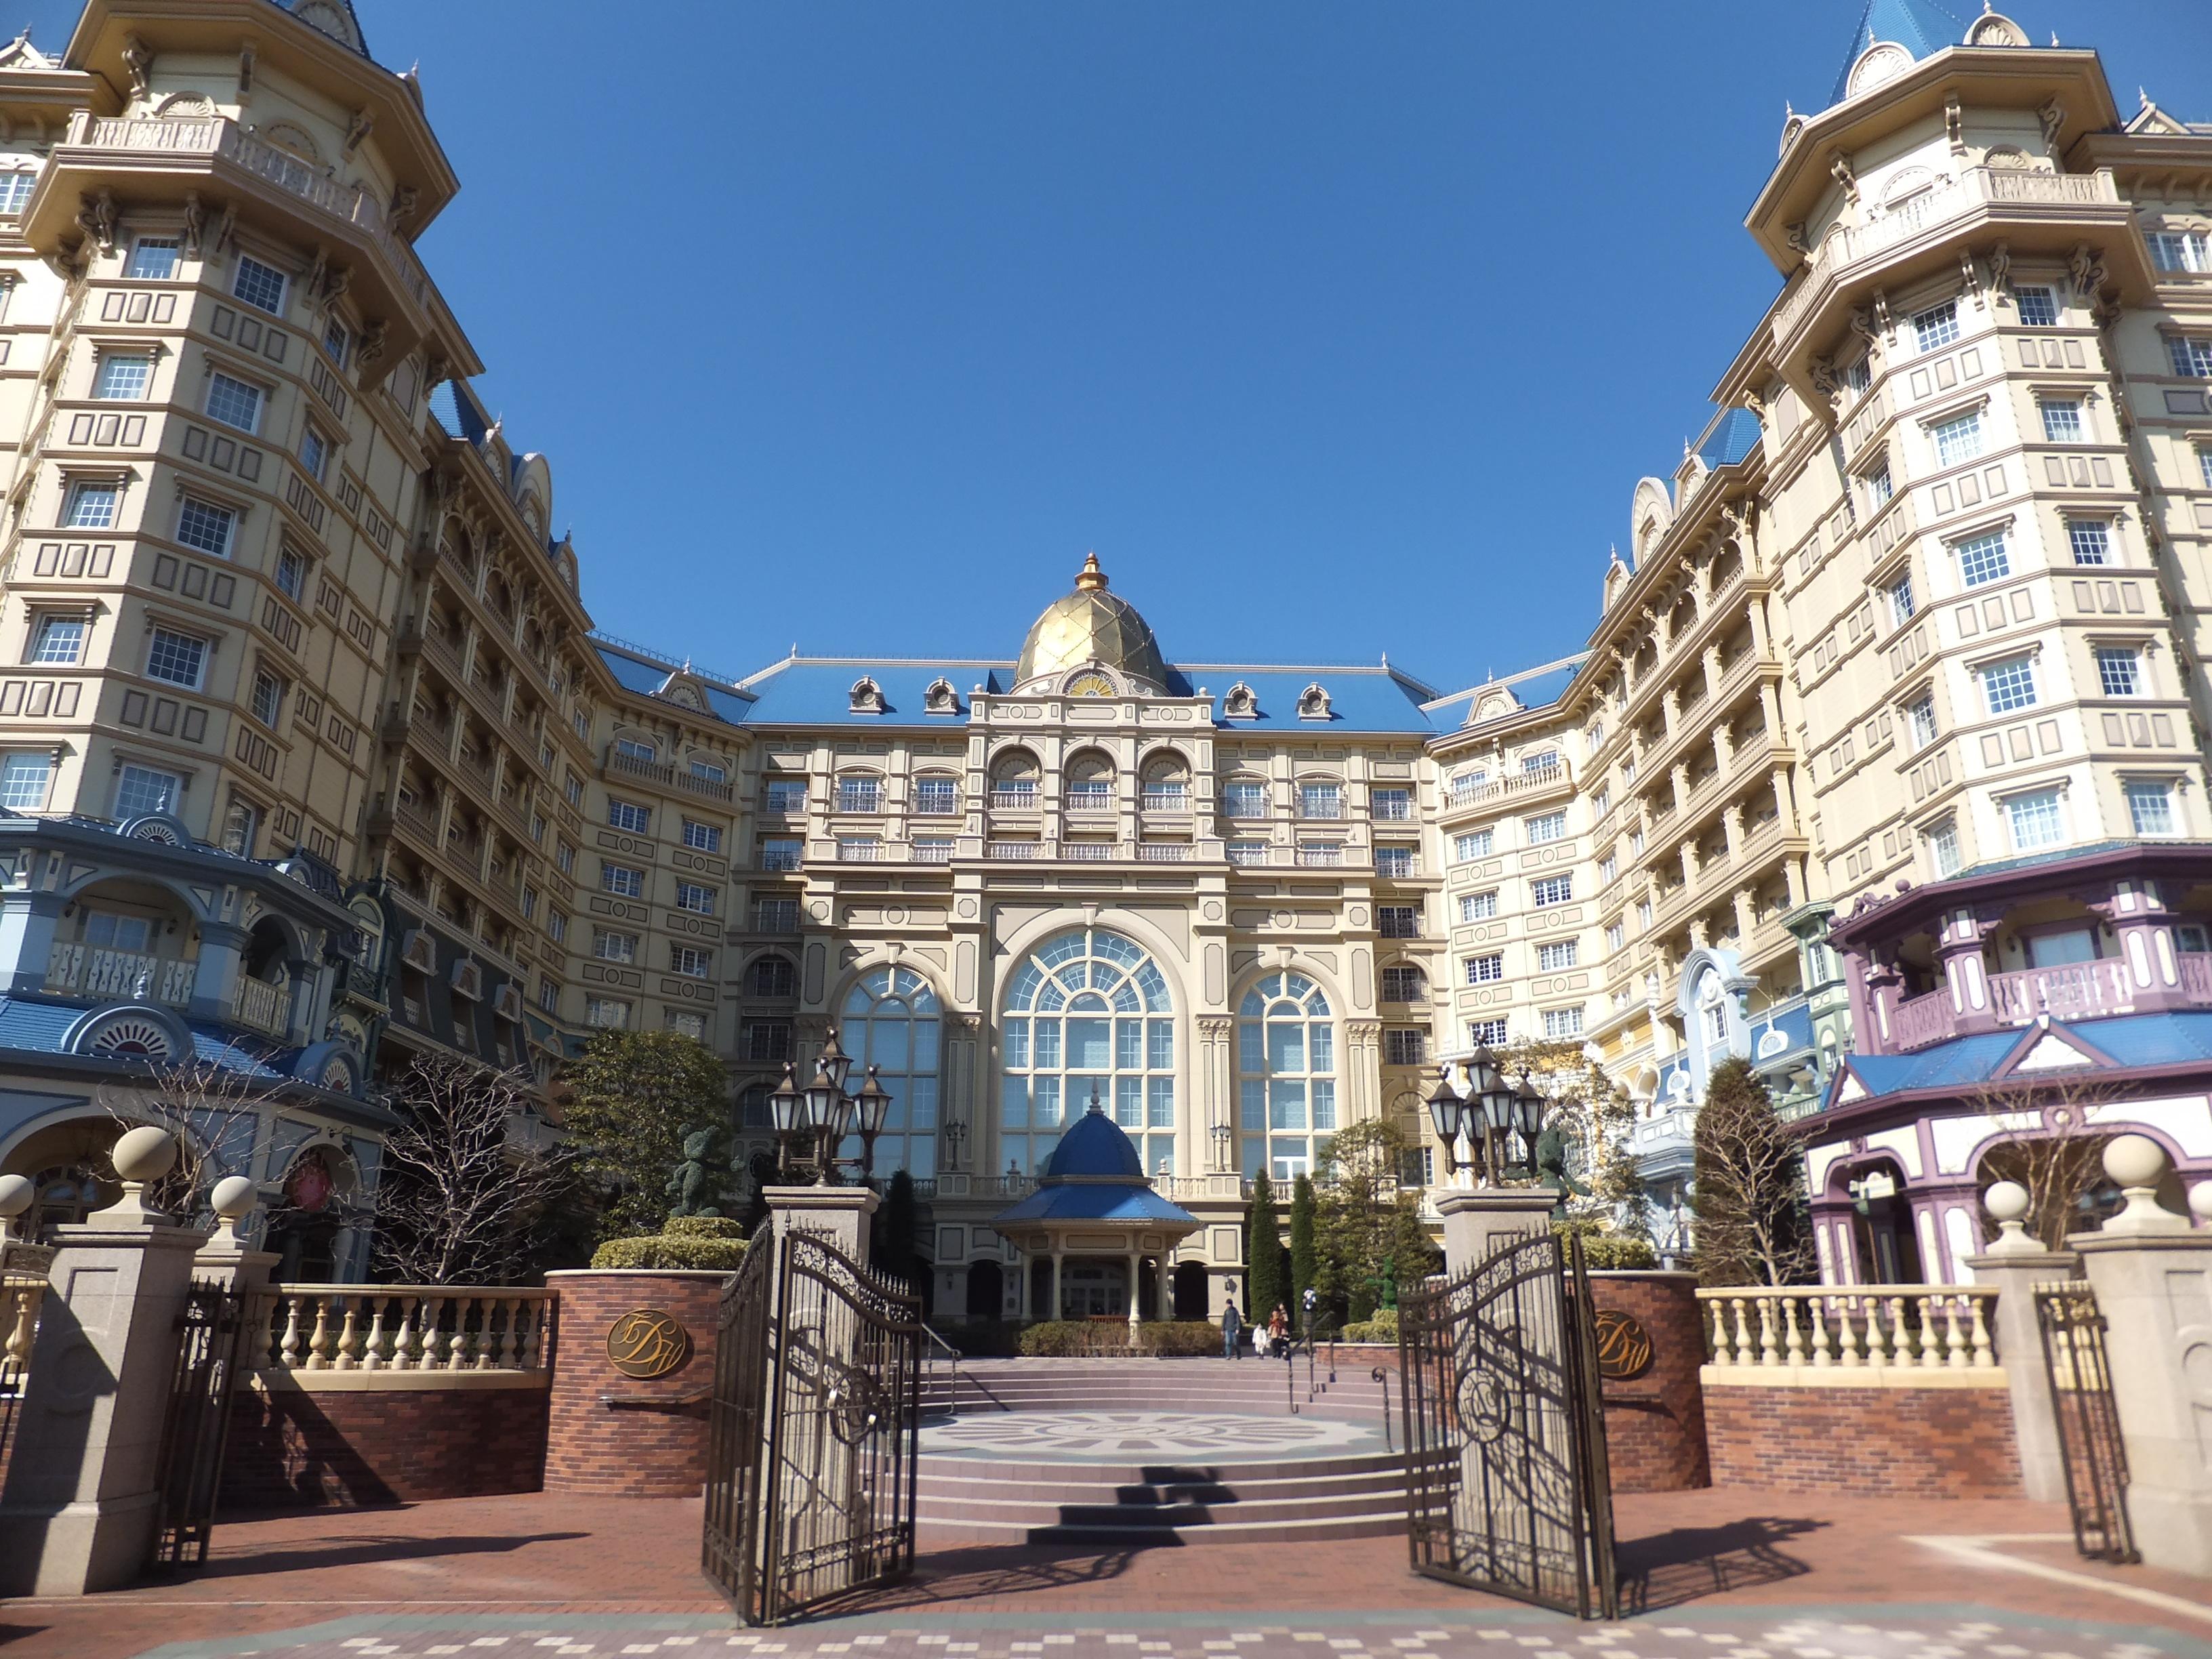 東京ディズニーランドに一番近いホテル : 世界のディズニーリゾート